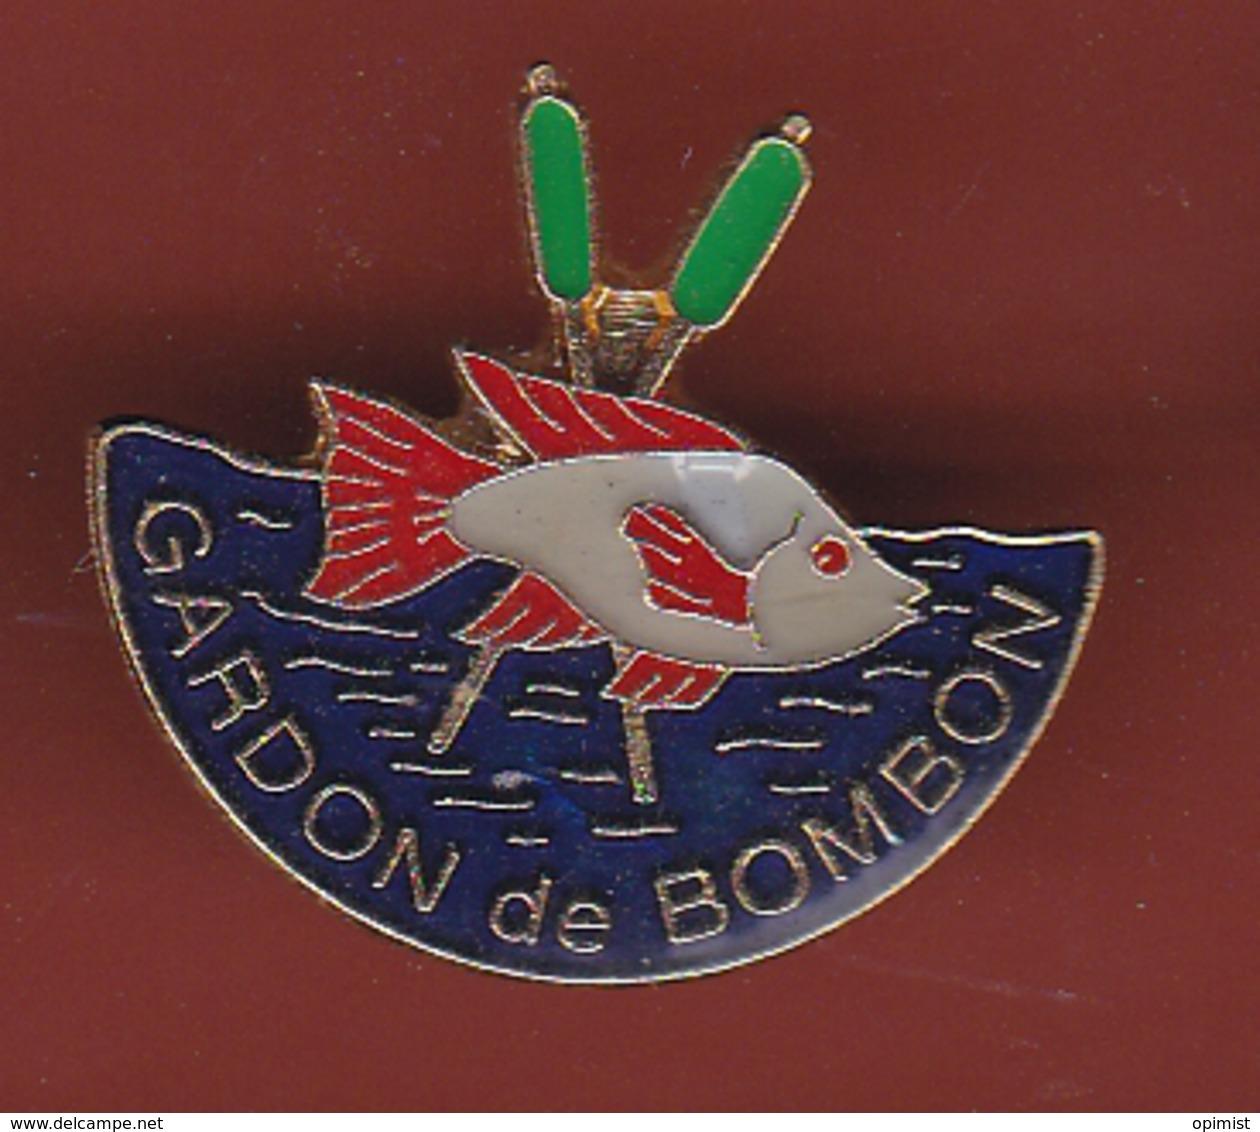 54472- Pin's.Le Gardon De Bombon Pêche Dans La Ville De Bombon.poisson.... - Villes